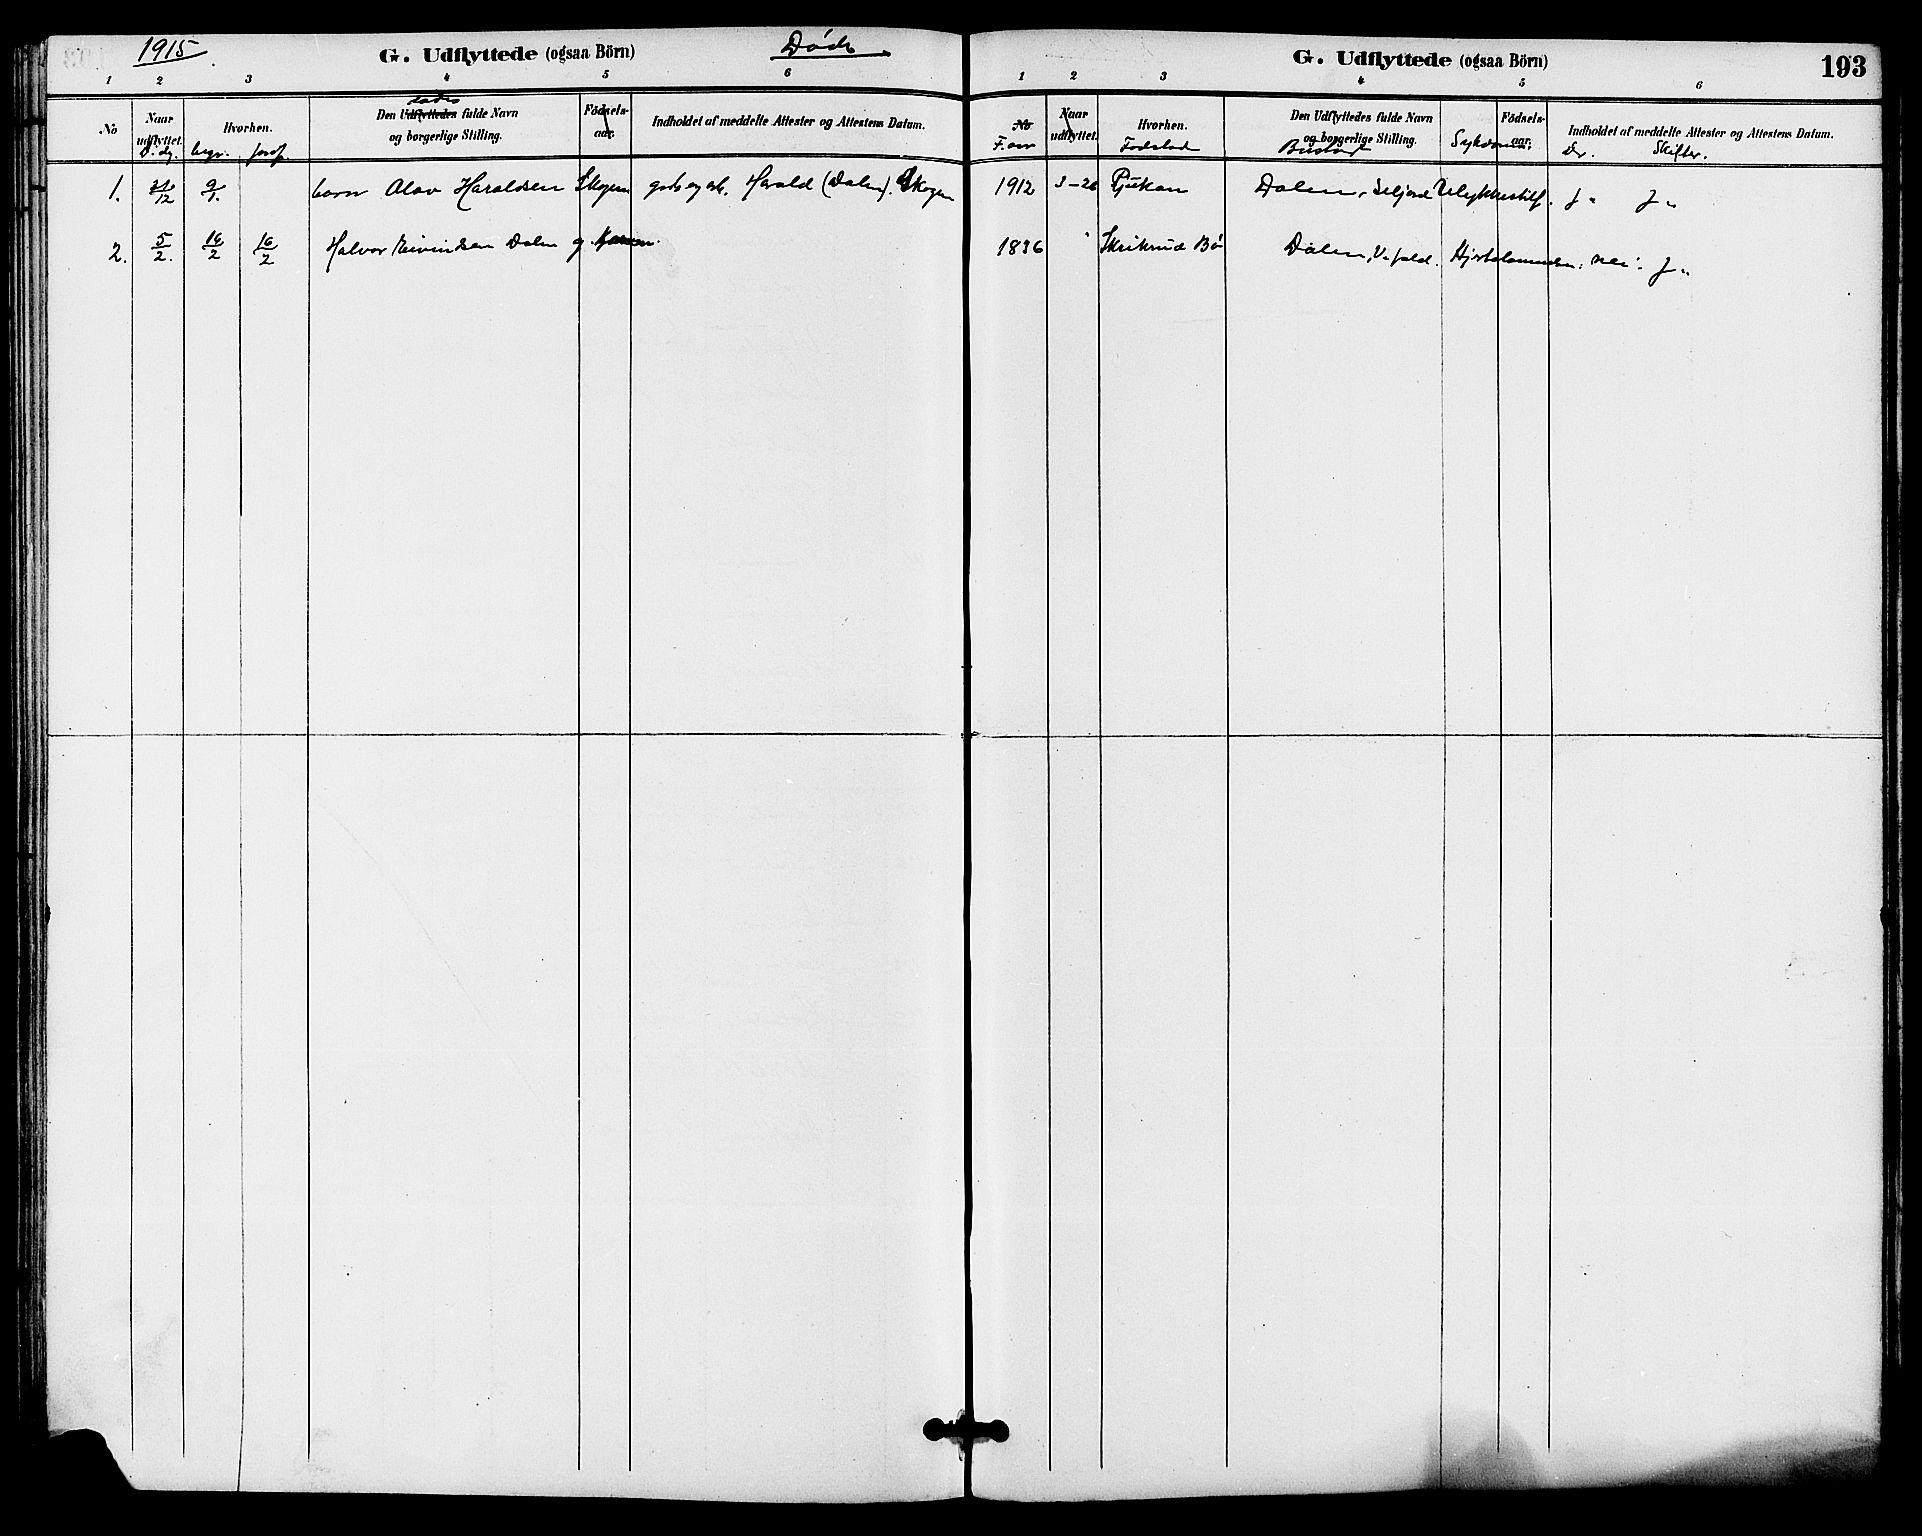 SAKO, Seljord kirkebøker, G/Ga/L0005: Klokkerbok nr. I 5, 1887-1914, s. 193